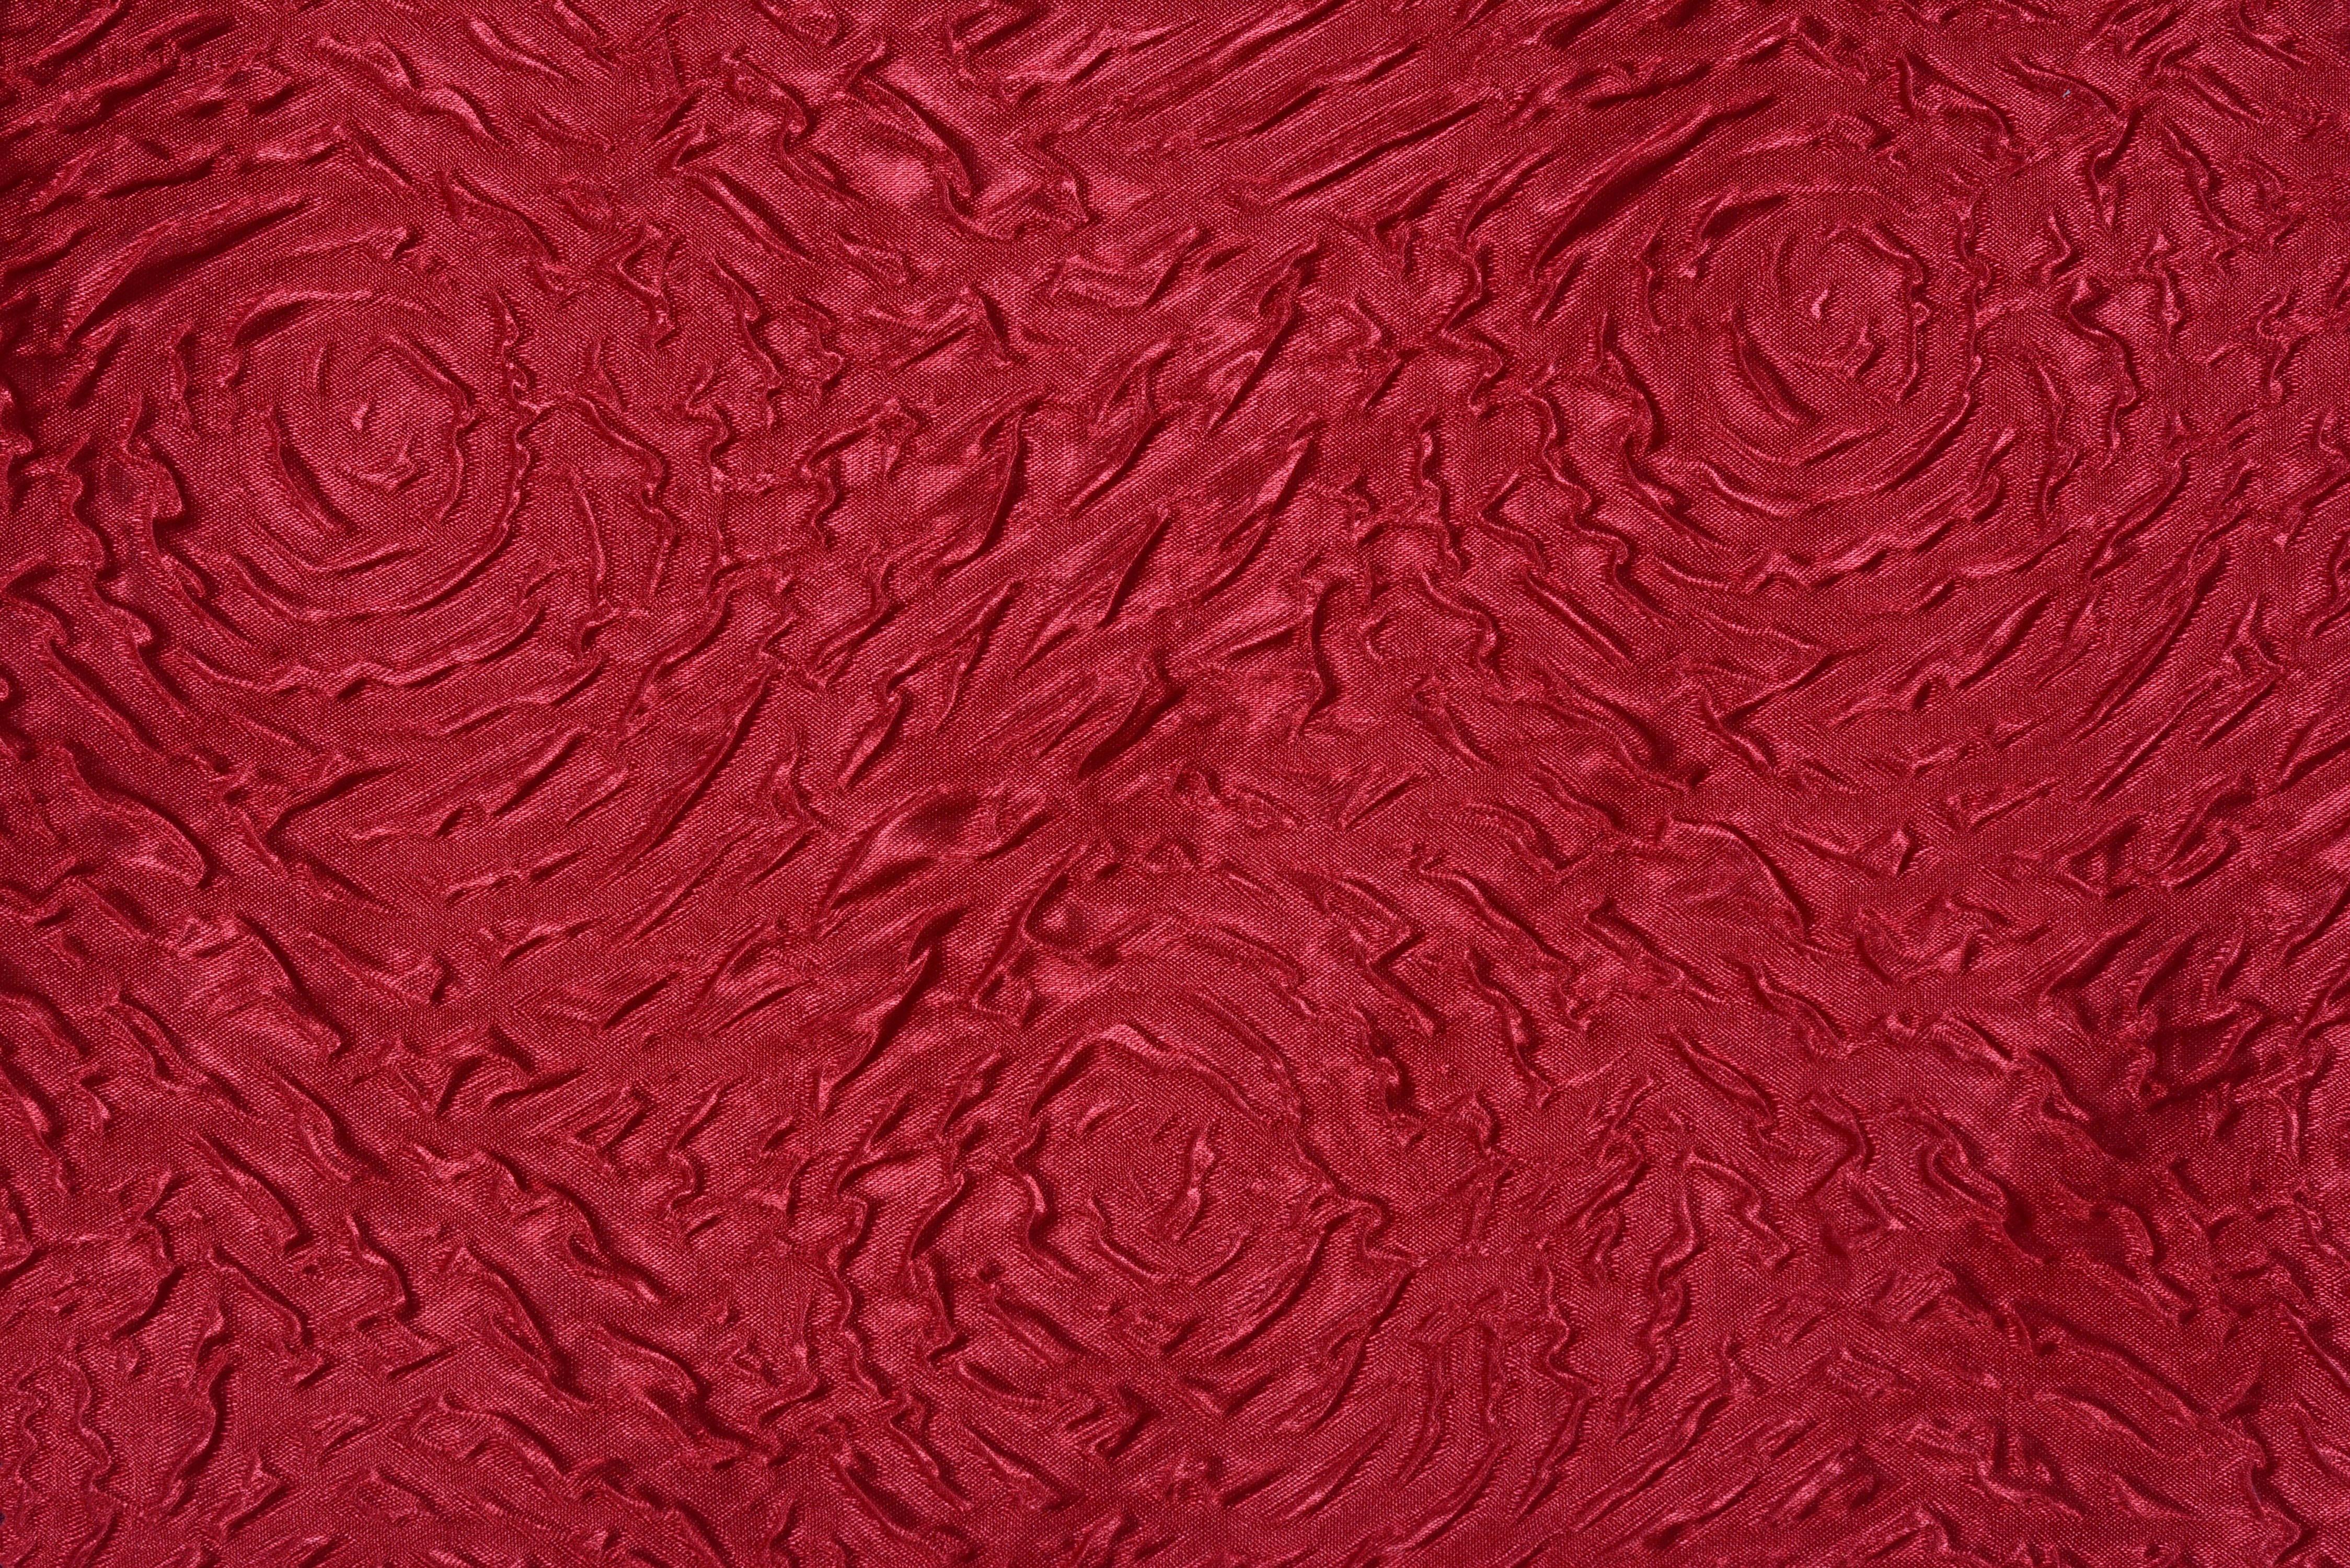 https://0901.nccdn.net/4_2/000/000/05e/0e7/Raindrops-red-swatch-4496x3000.jpg